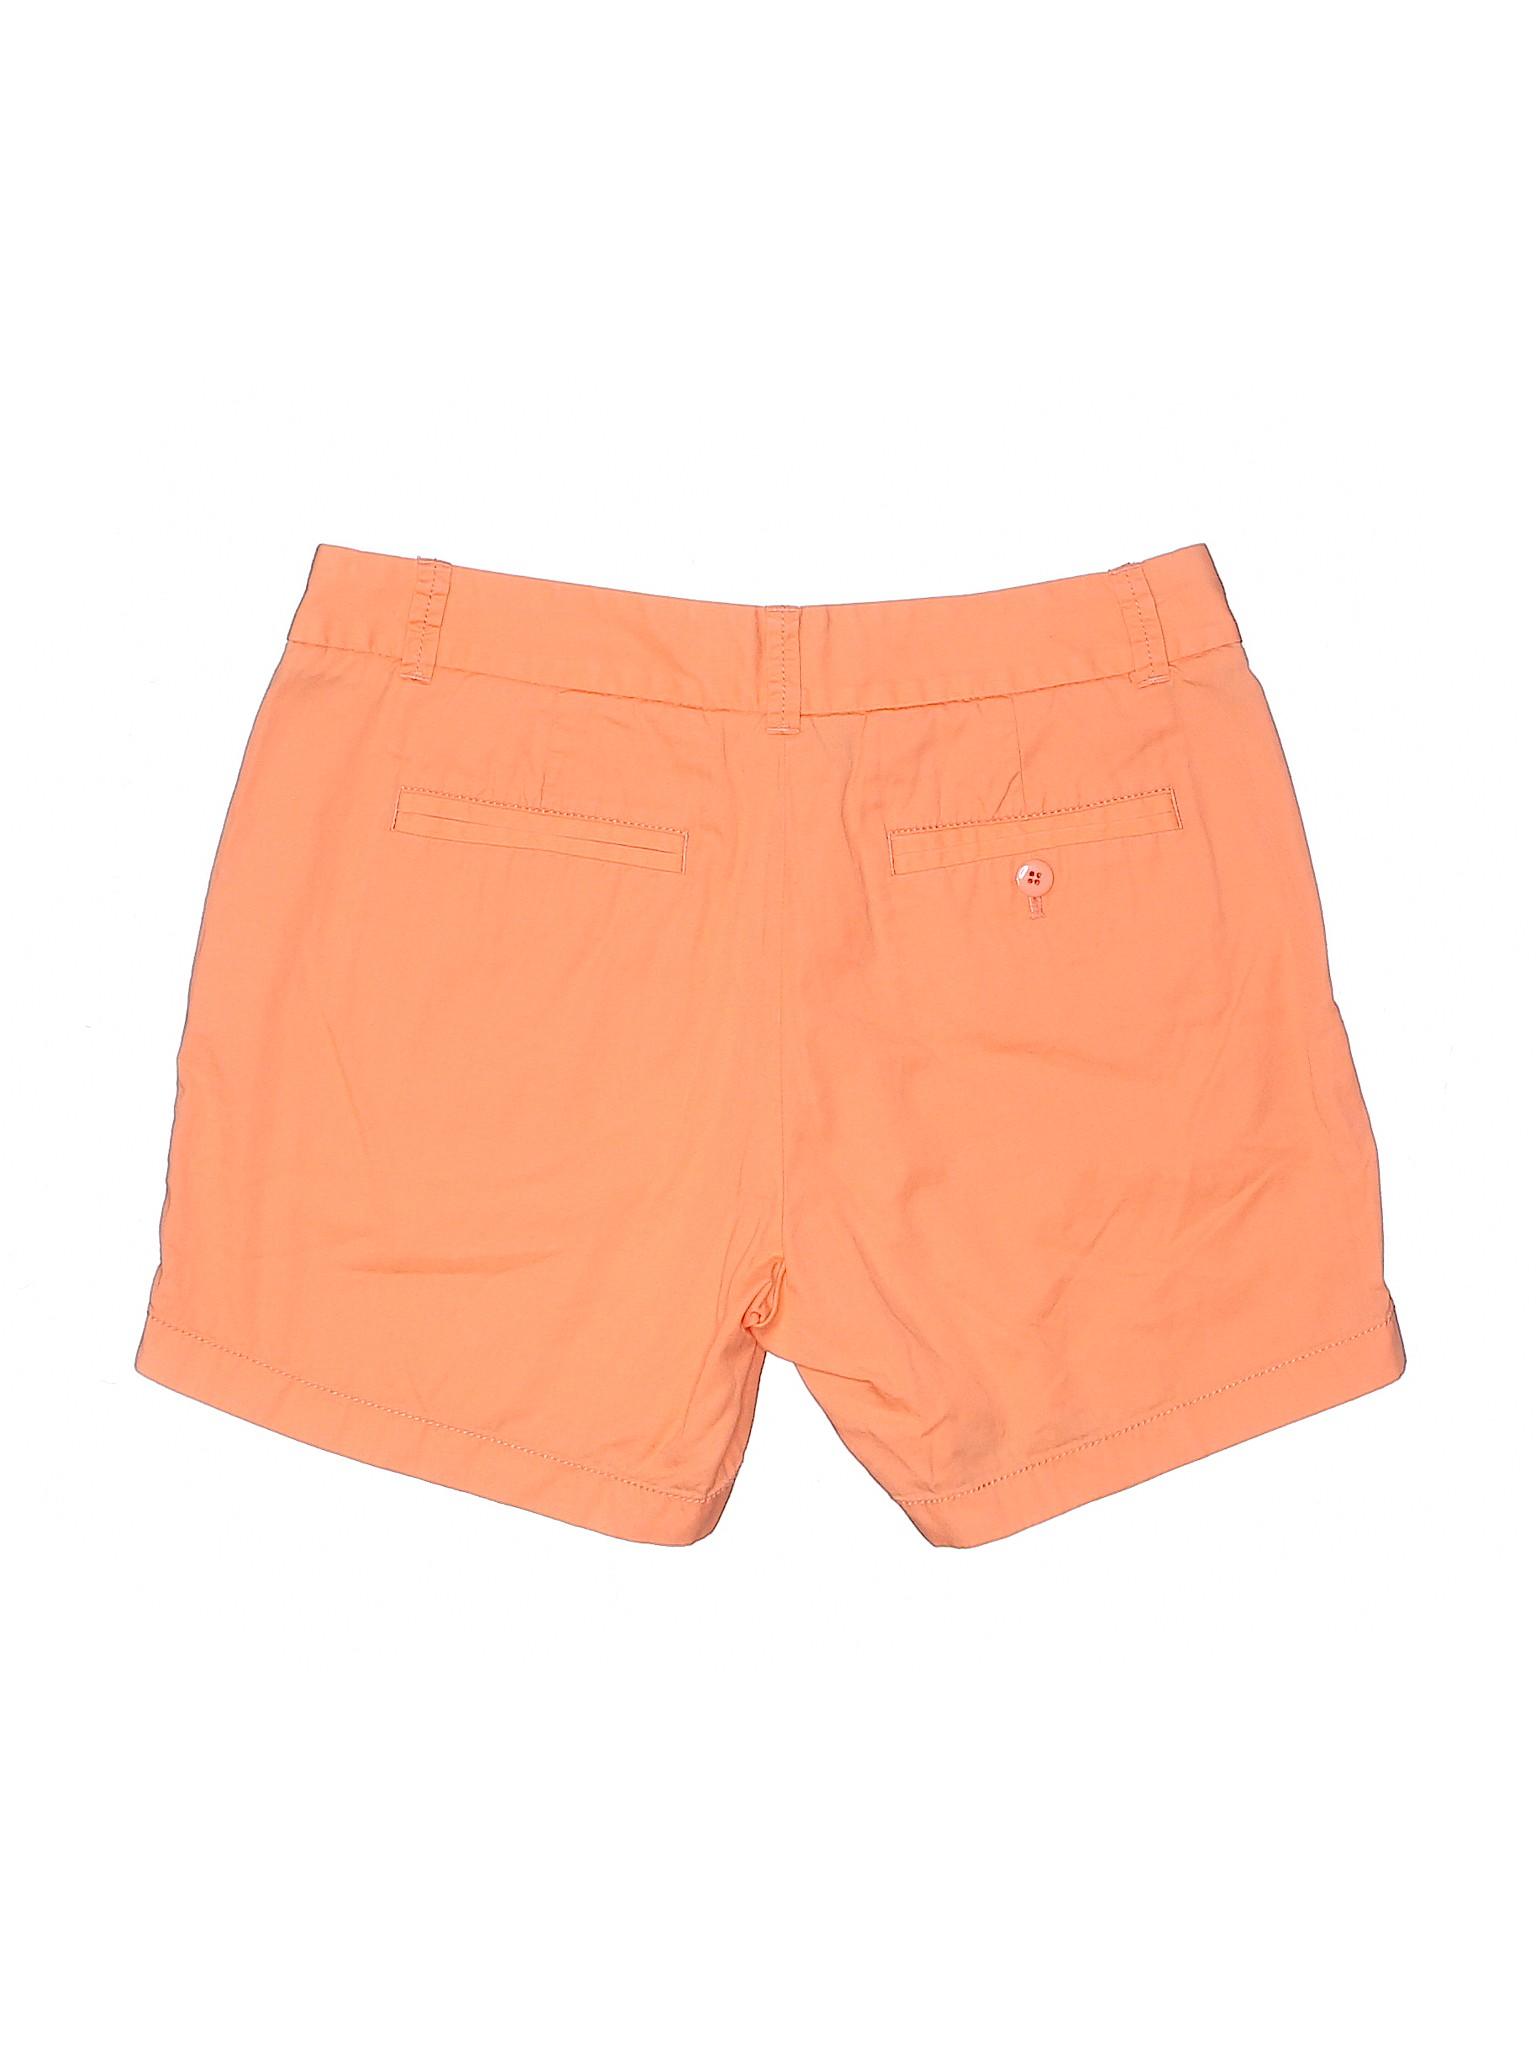 J Khaki Boutique Boutique J Crew Shorts Crew txT1H